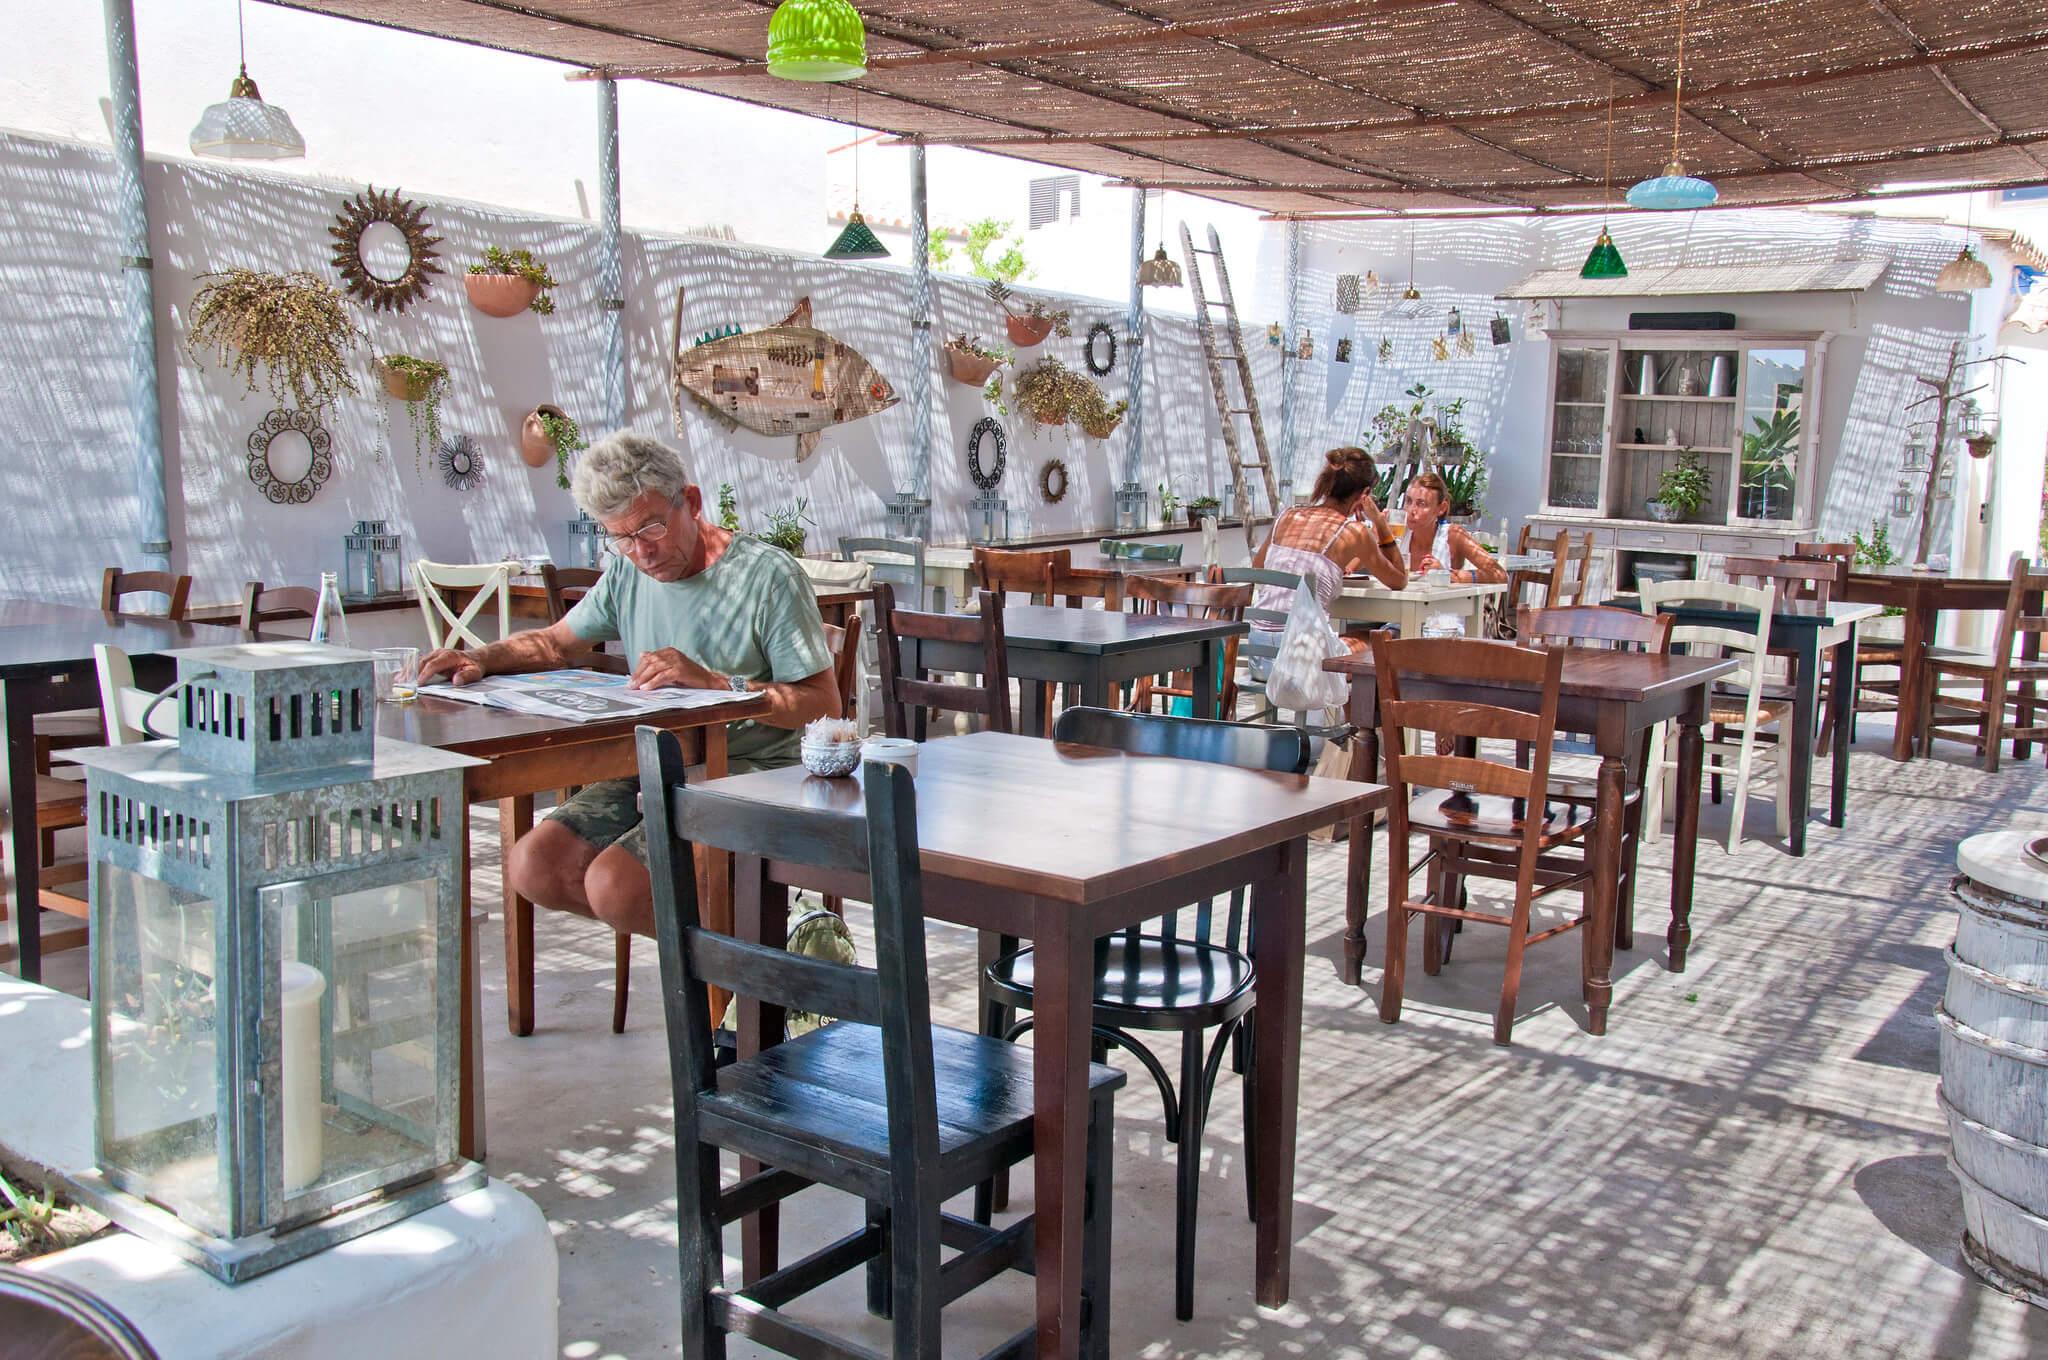 https://www.white-ibiza.com/wp-content/uploads/2020/03/formentera-restaurants-ca-na-pepa-2020-02.jpg